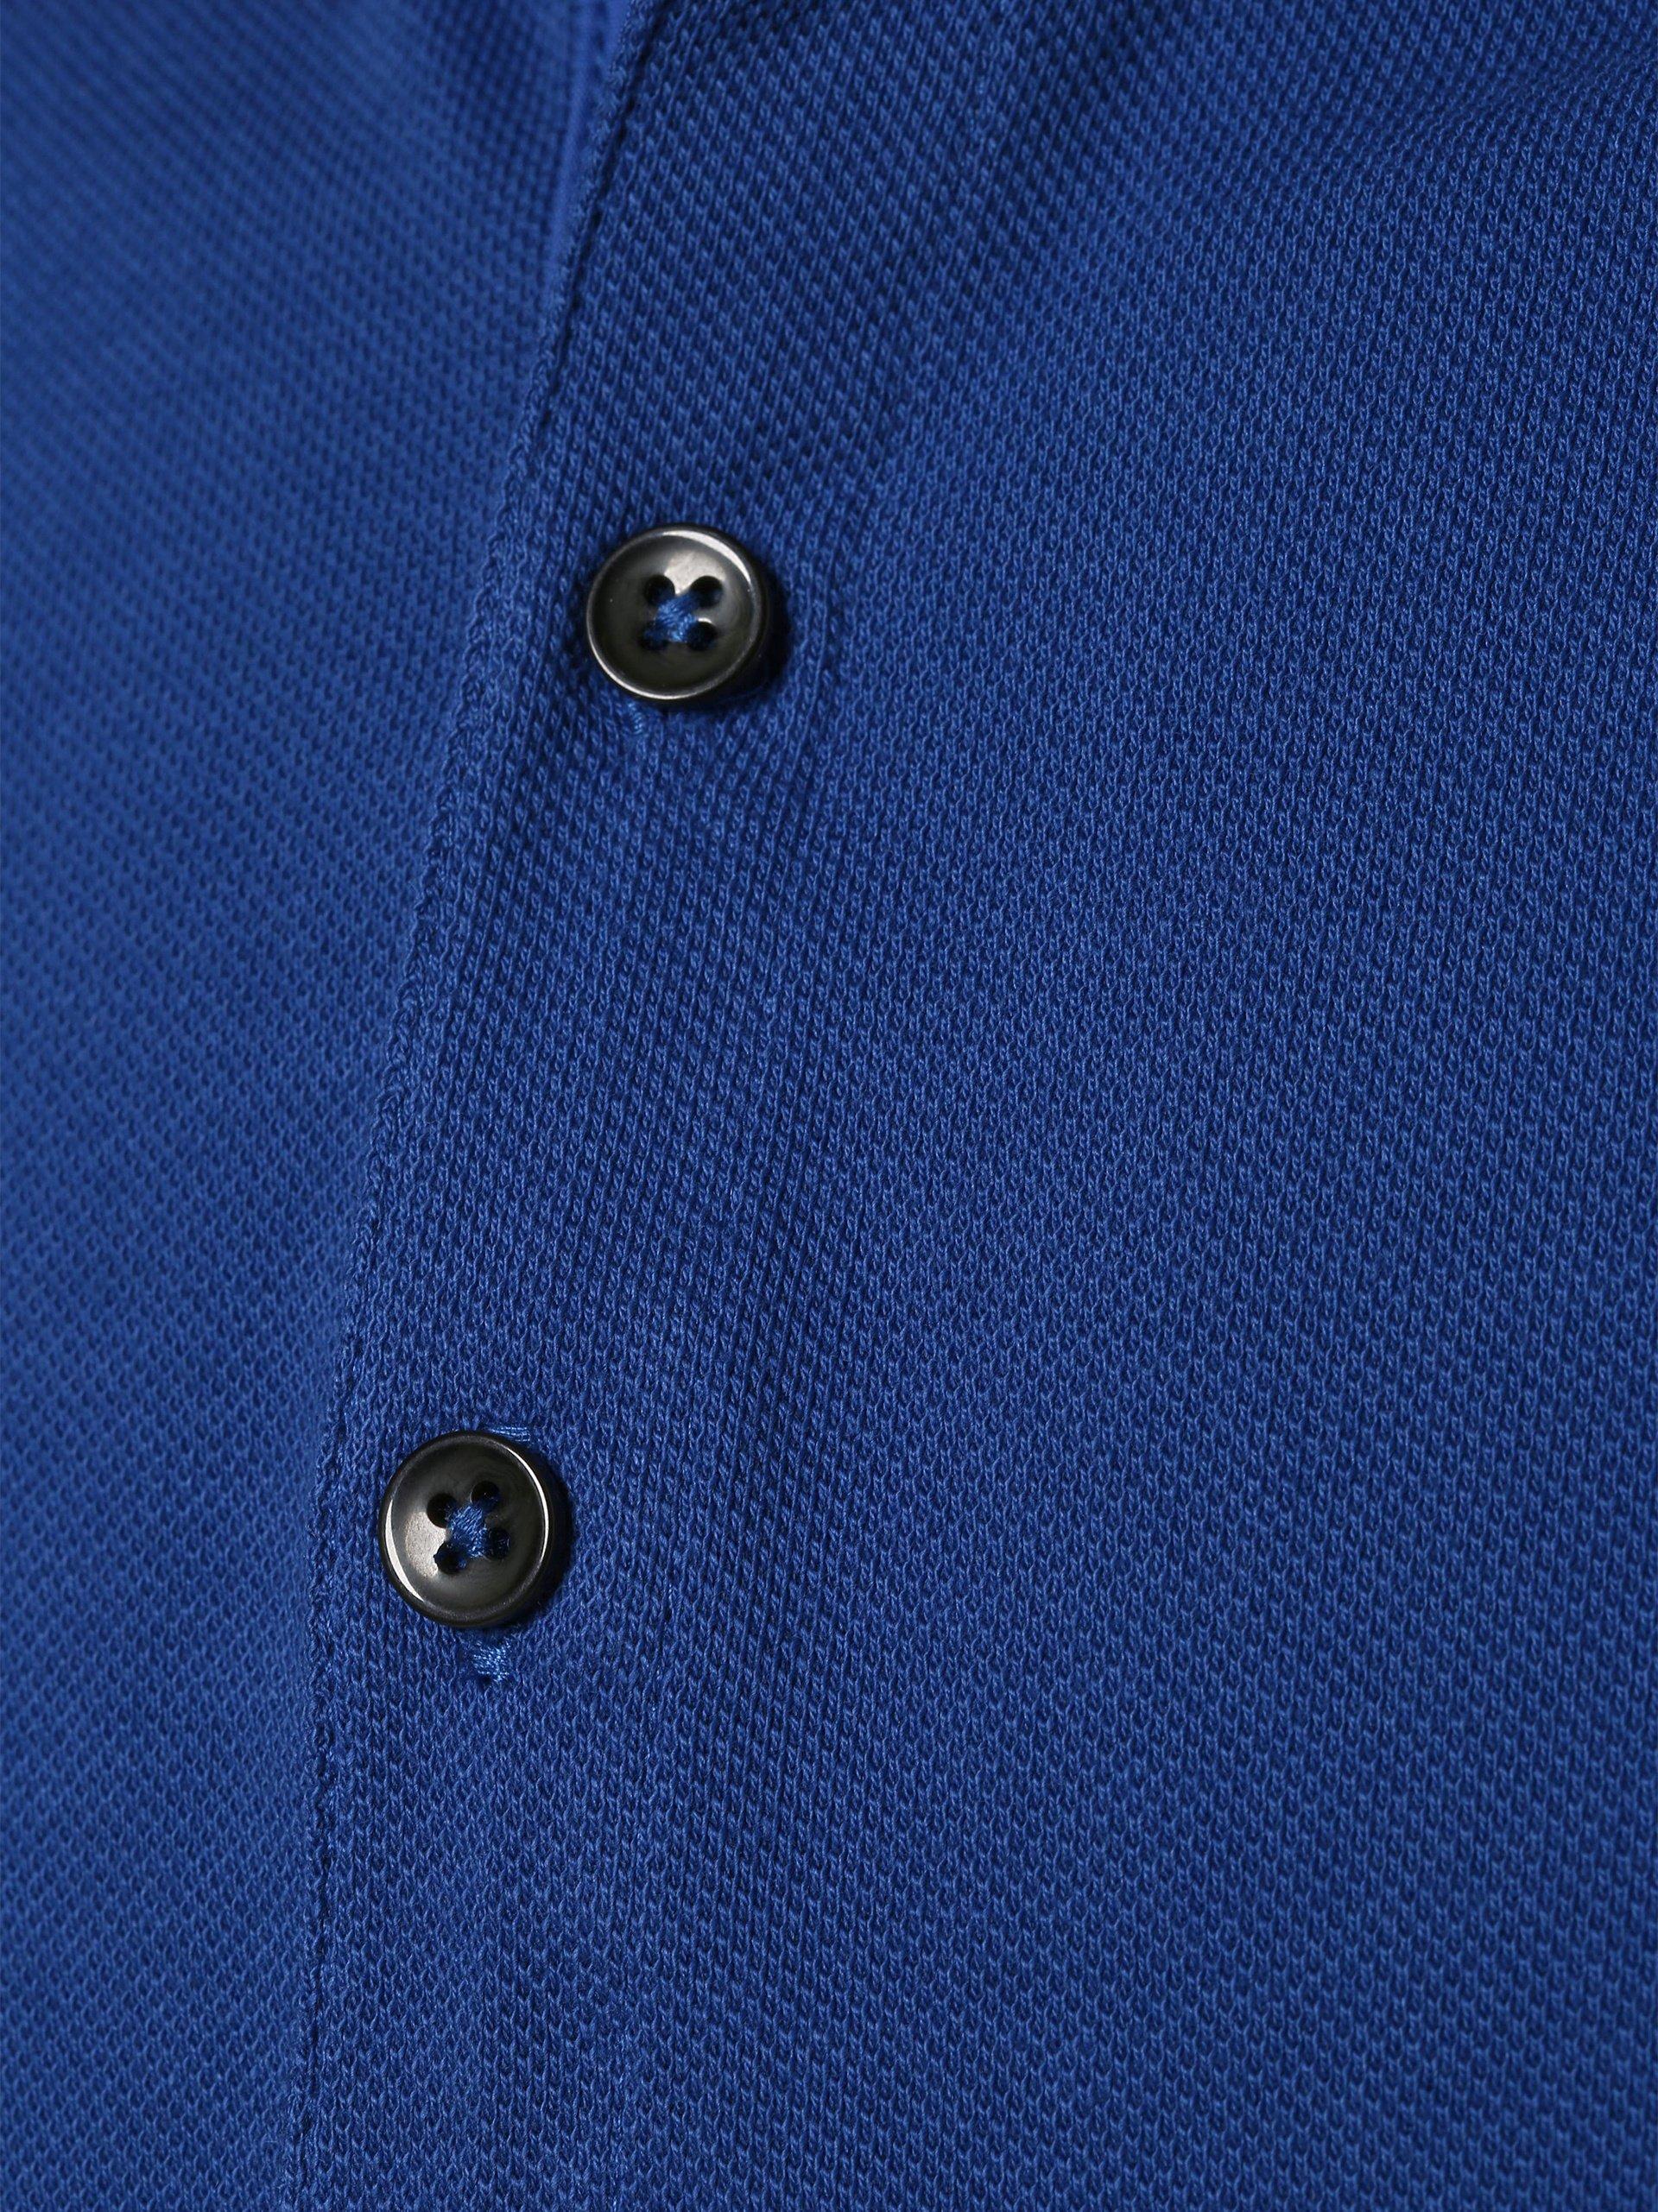 Finshley & Harding London Herren Poloshirt